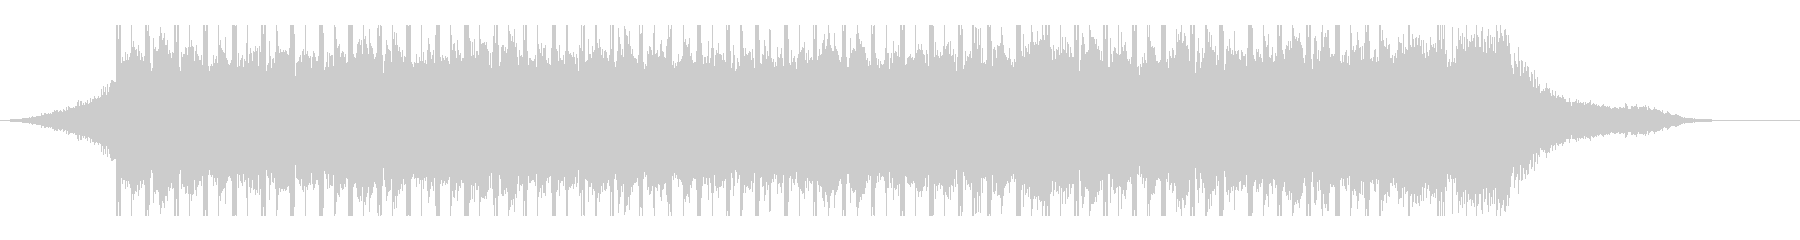 やる気(30秒)の未再生の波形